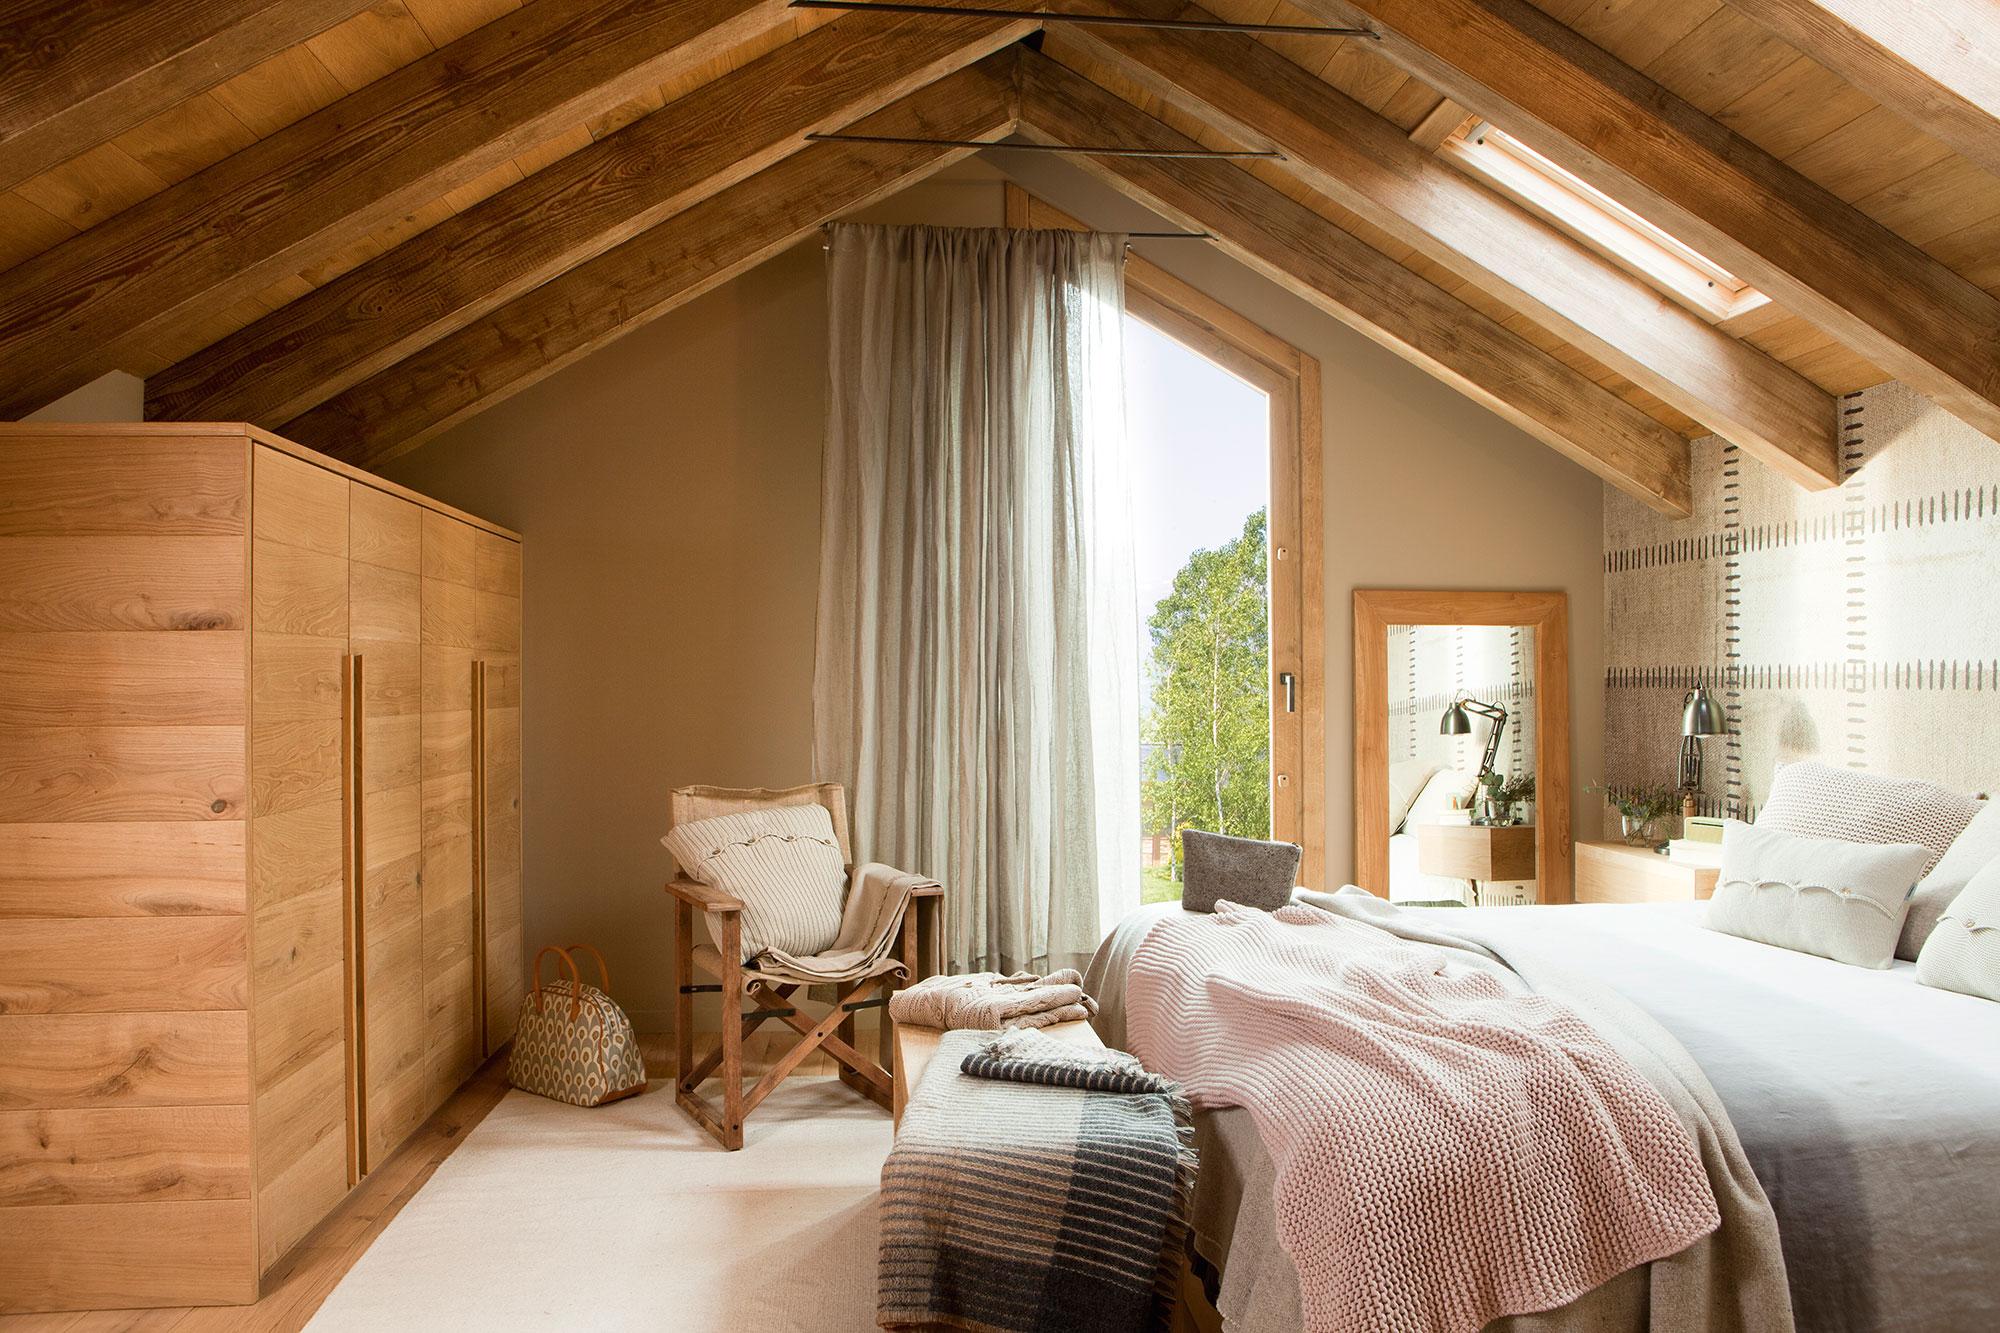 Идеи для спальни в деревянном доме фото